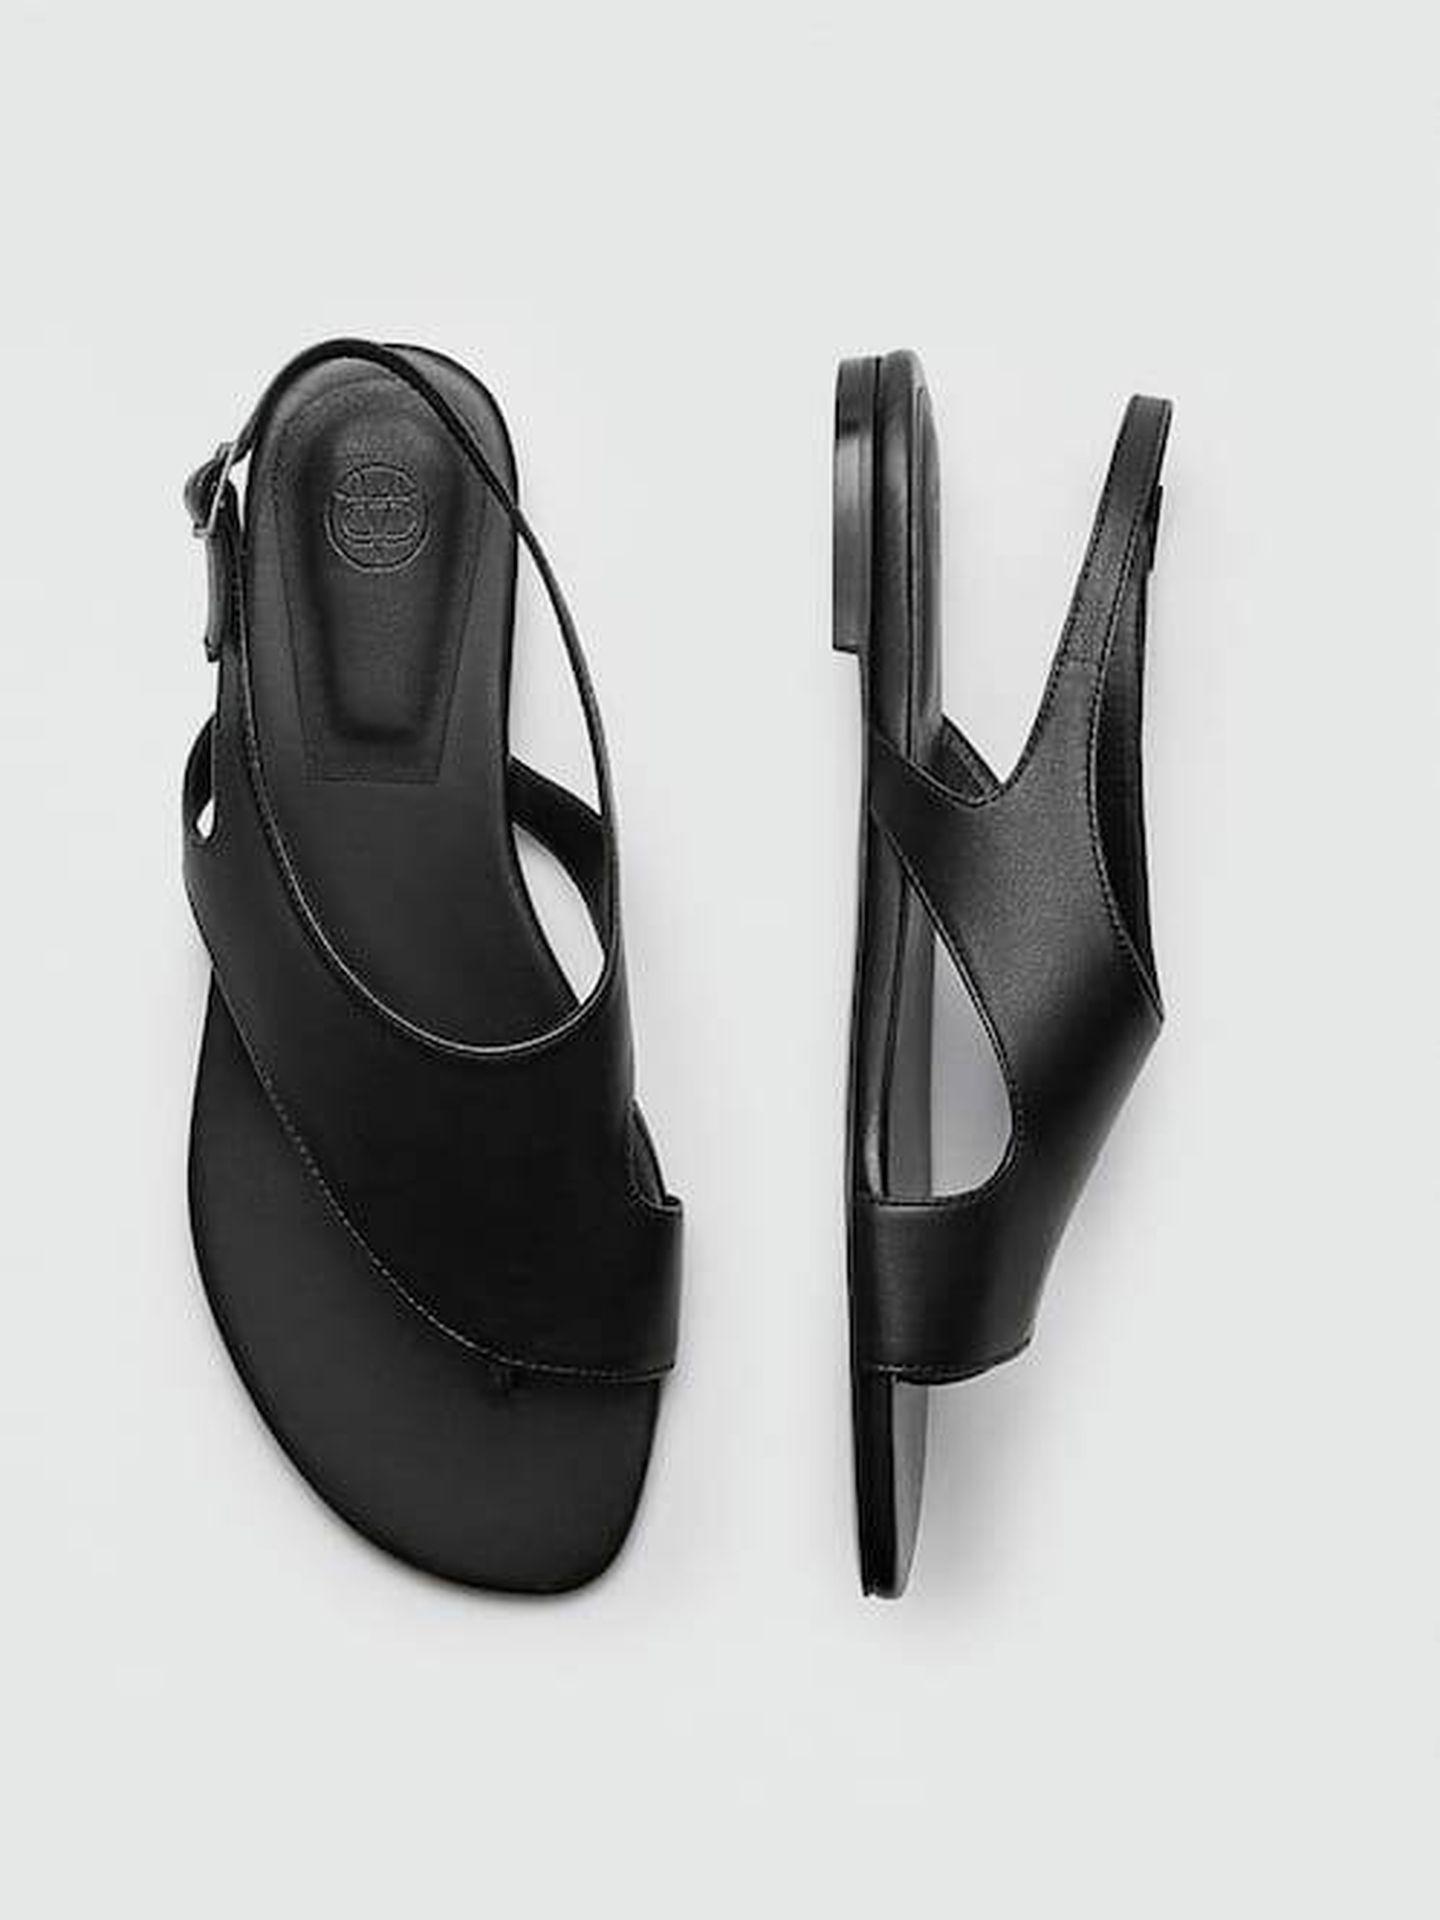 Las sandalias planas de la tienda online Massimo Dutti. (Cortesía)